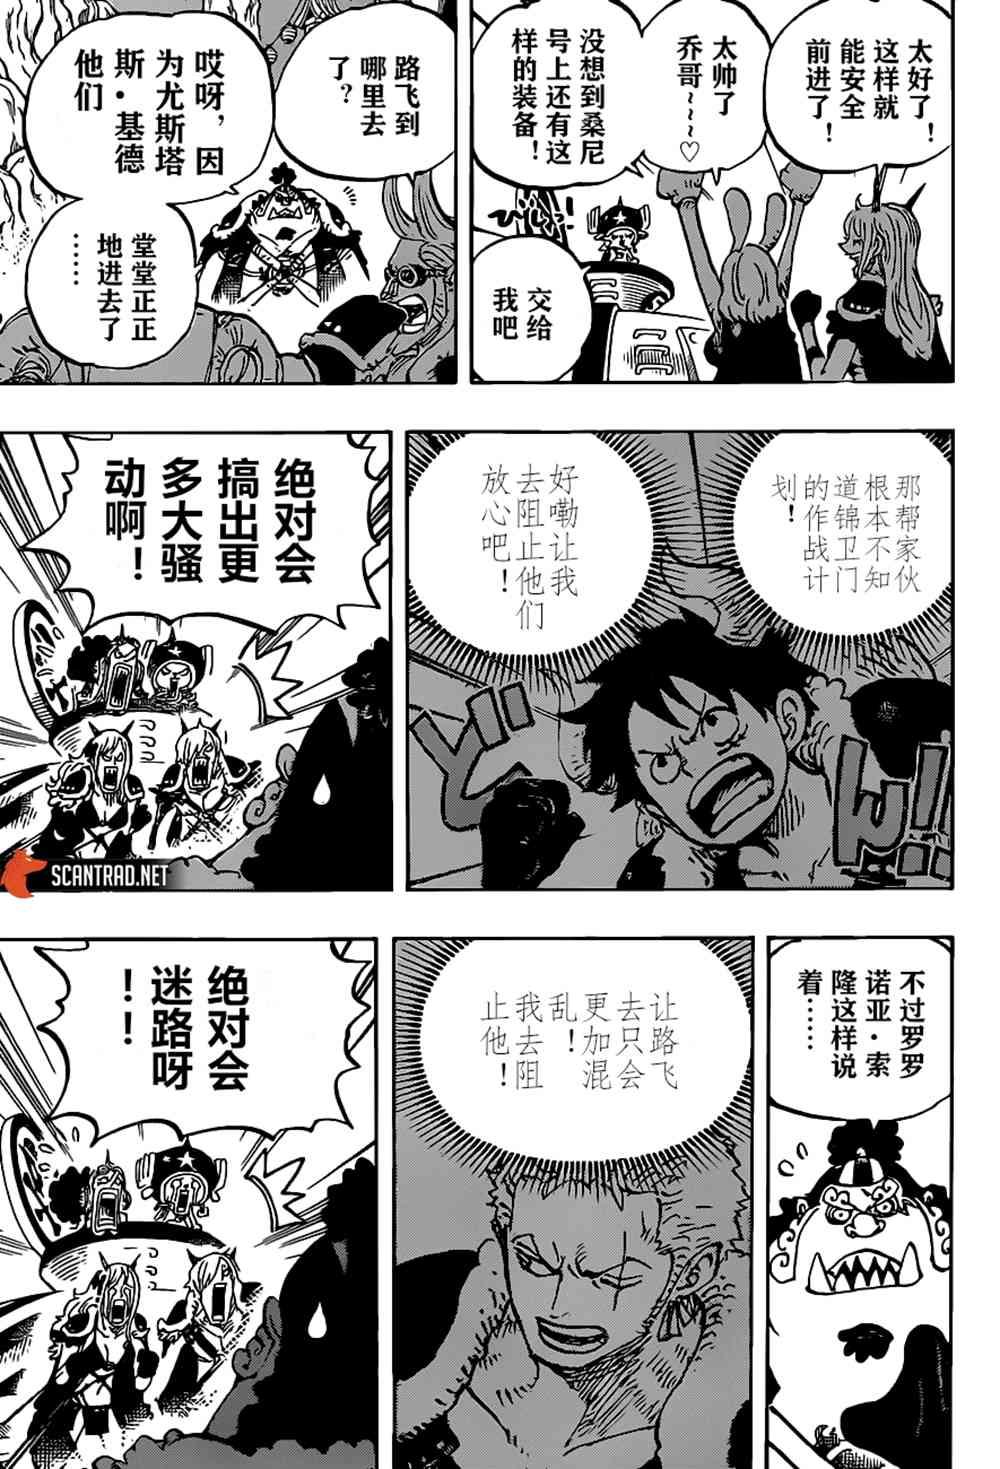 海賊王: 979话 家族问题 - 第6页